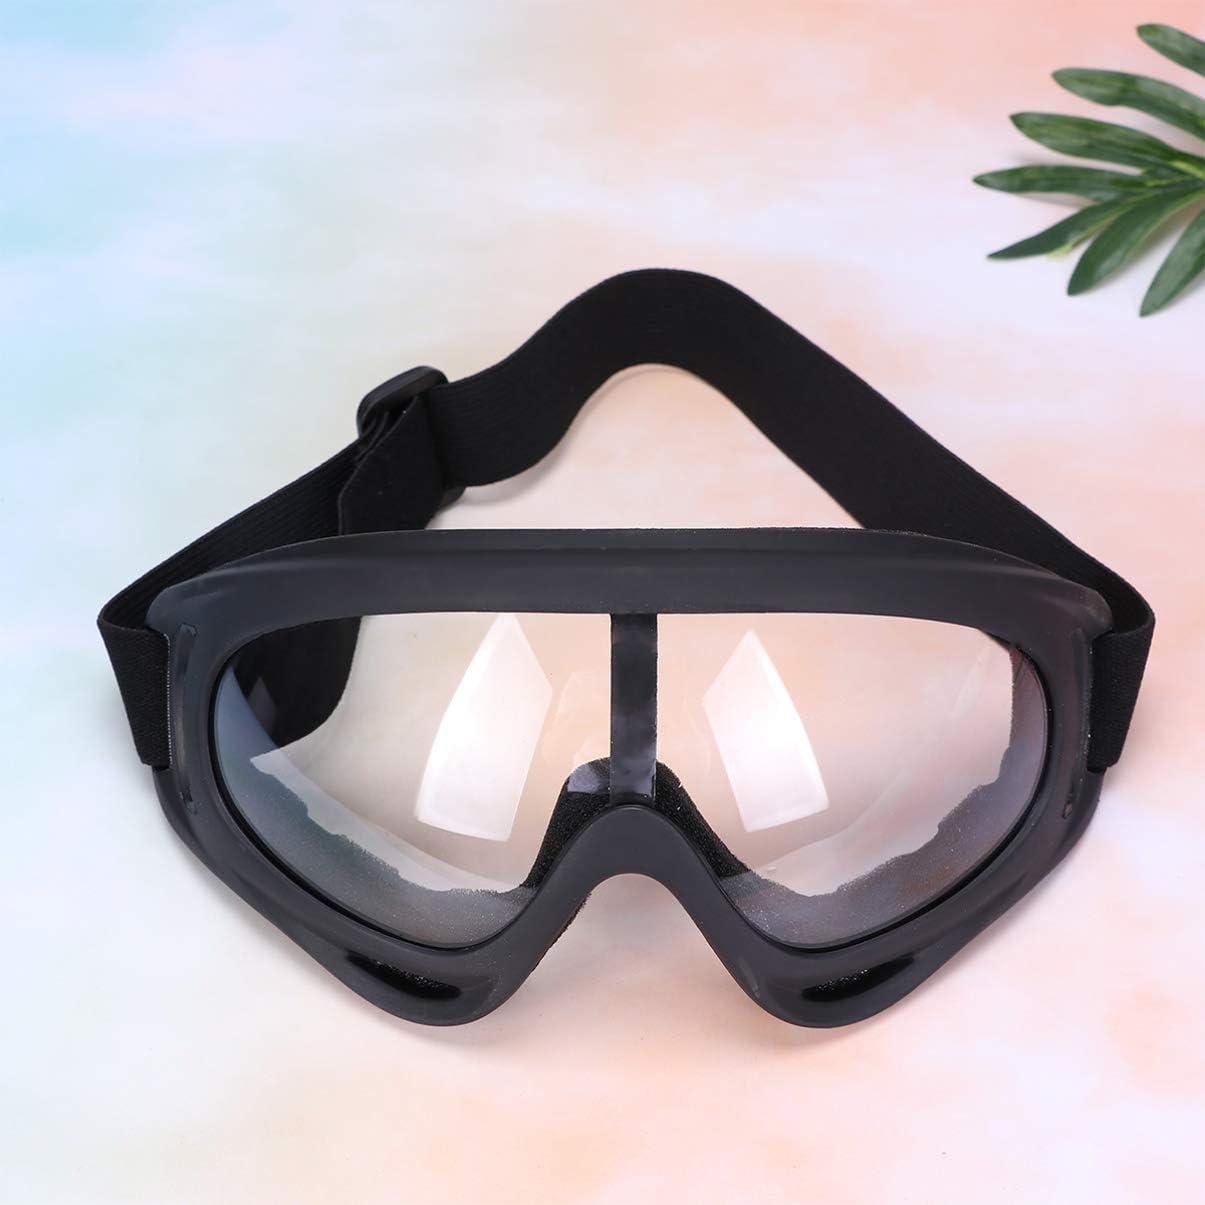 HEALLILY 2 Piezas Gafas de Seguridad Gafas M/édicas Gafas Transparentes Gafas de Seguridad Protecci/ón contra Los Ojos contra El Polvo para Productos Qu/ímicos de Viaje Al Aire Libre en Hospitales